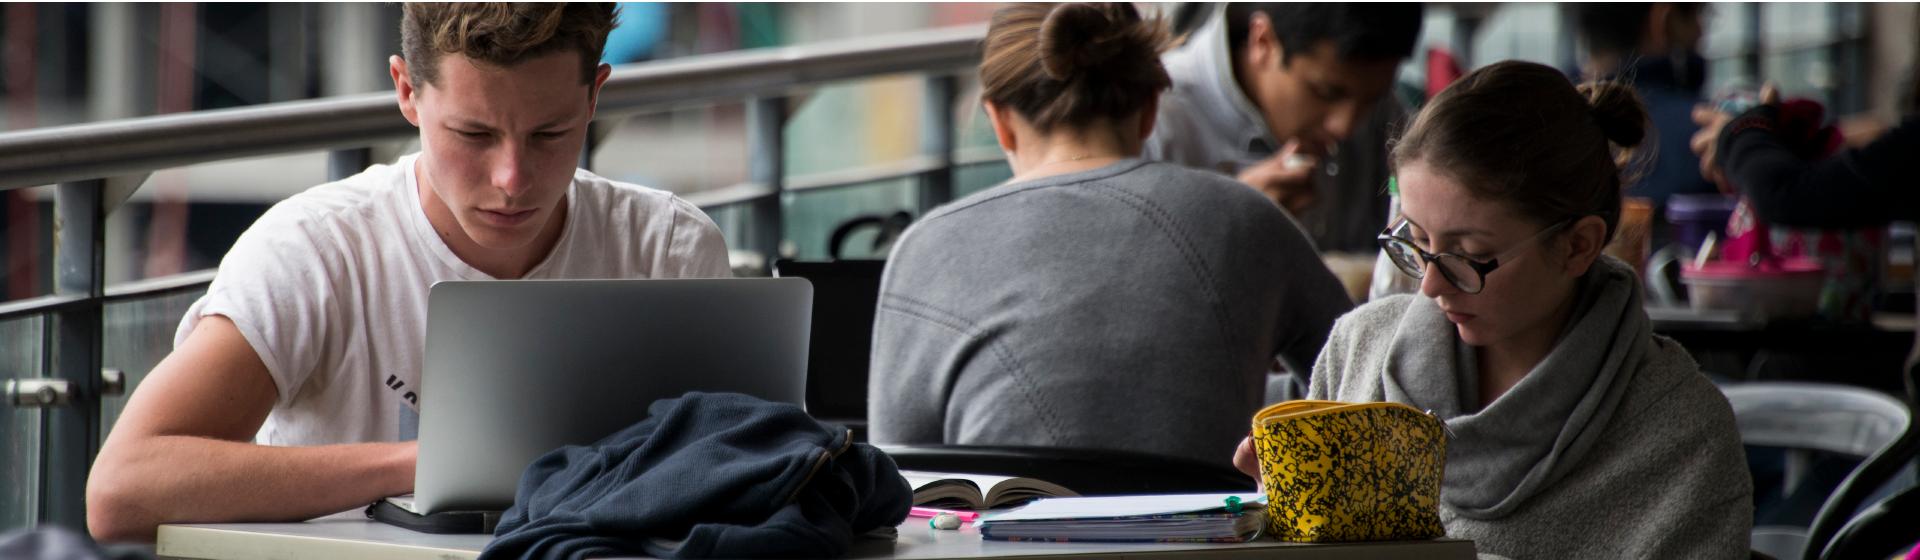 universidad-andes-ingenieraia-quimica-uniandes-informacion-estudiantes-profesores.png